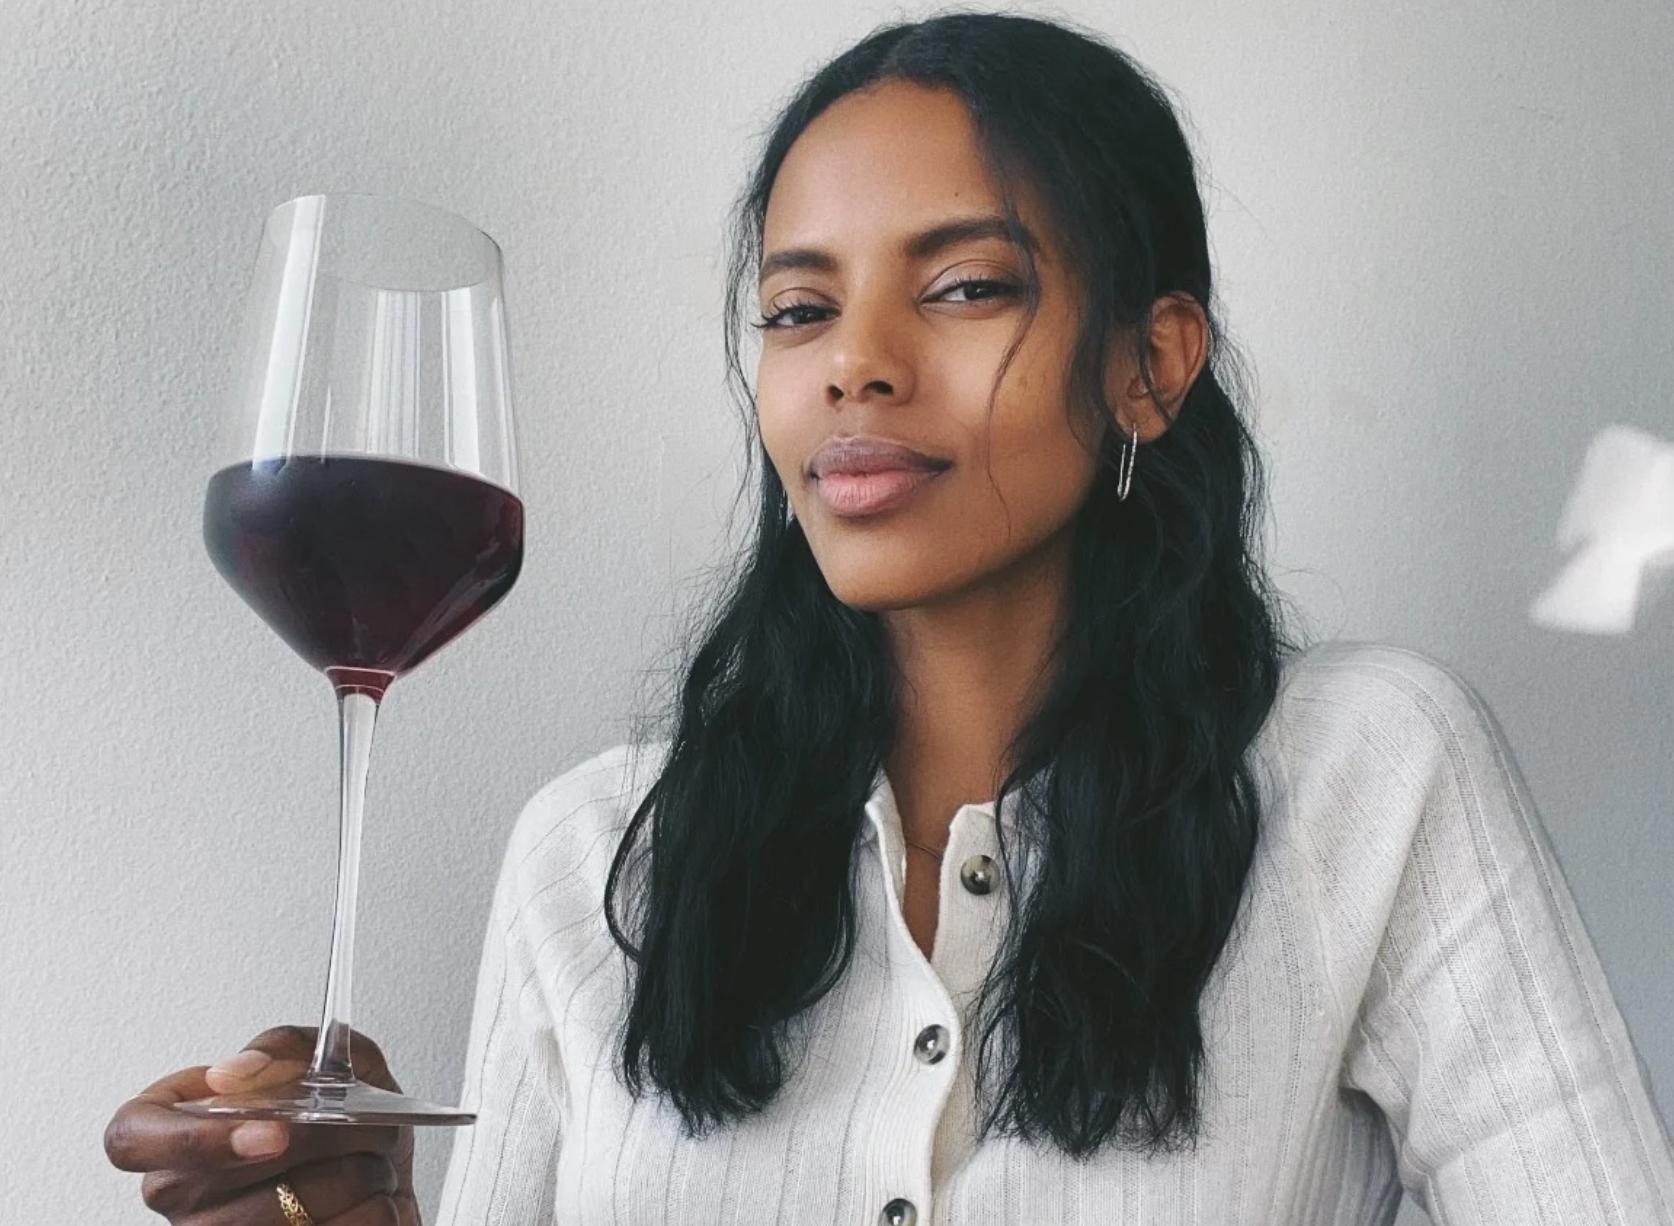 Grace Mahary Wine Maxim